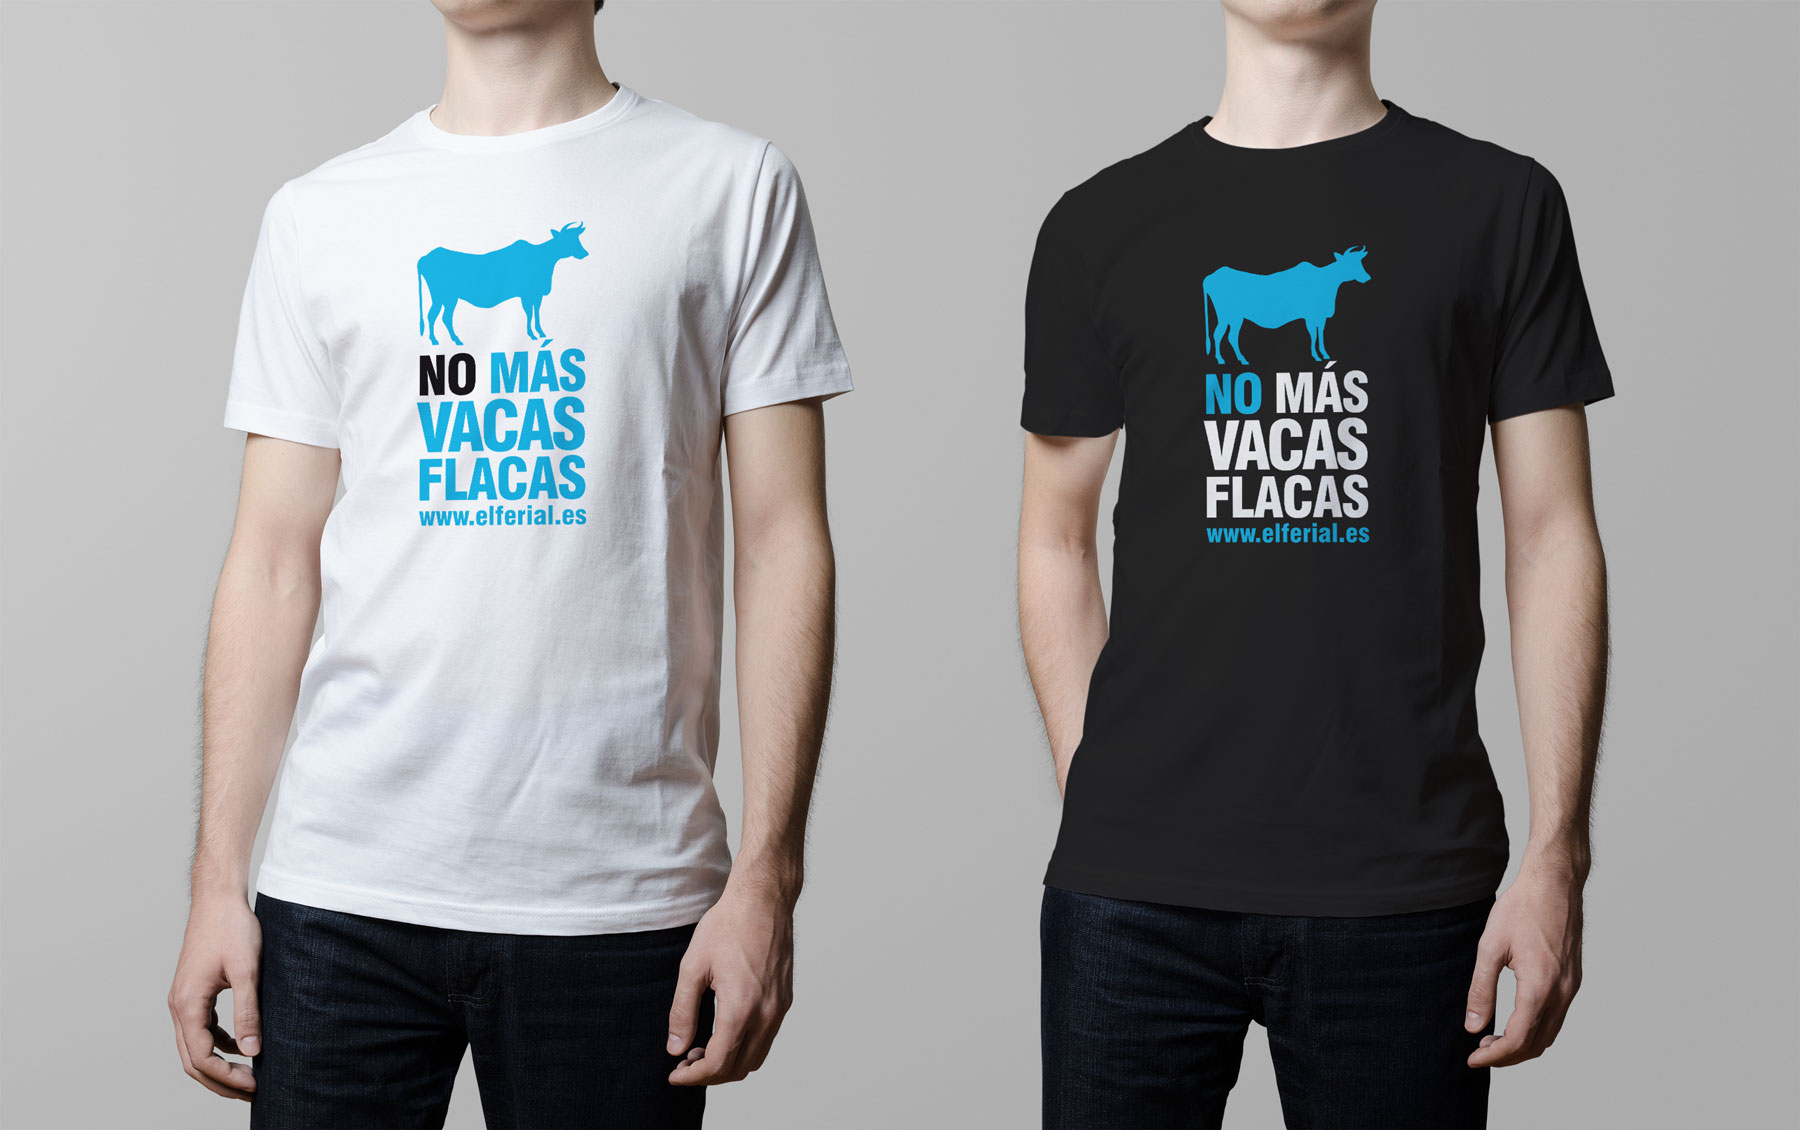 el_ferial_no_mas_vacas_flacas_camisetas